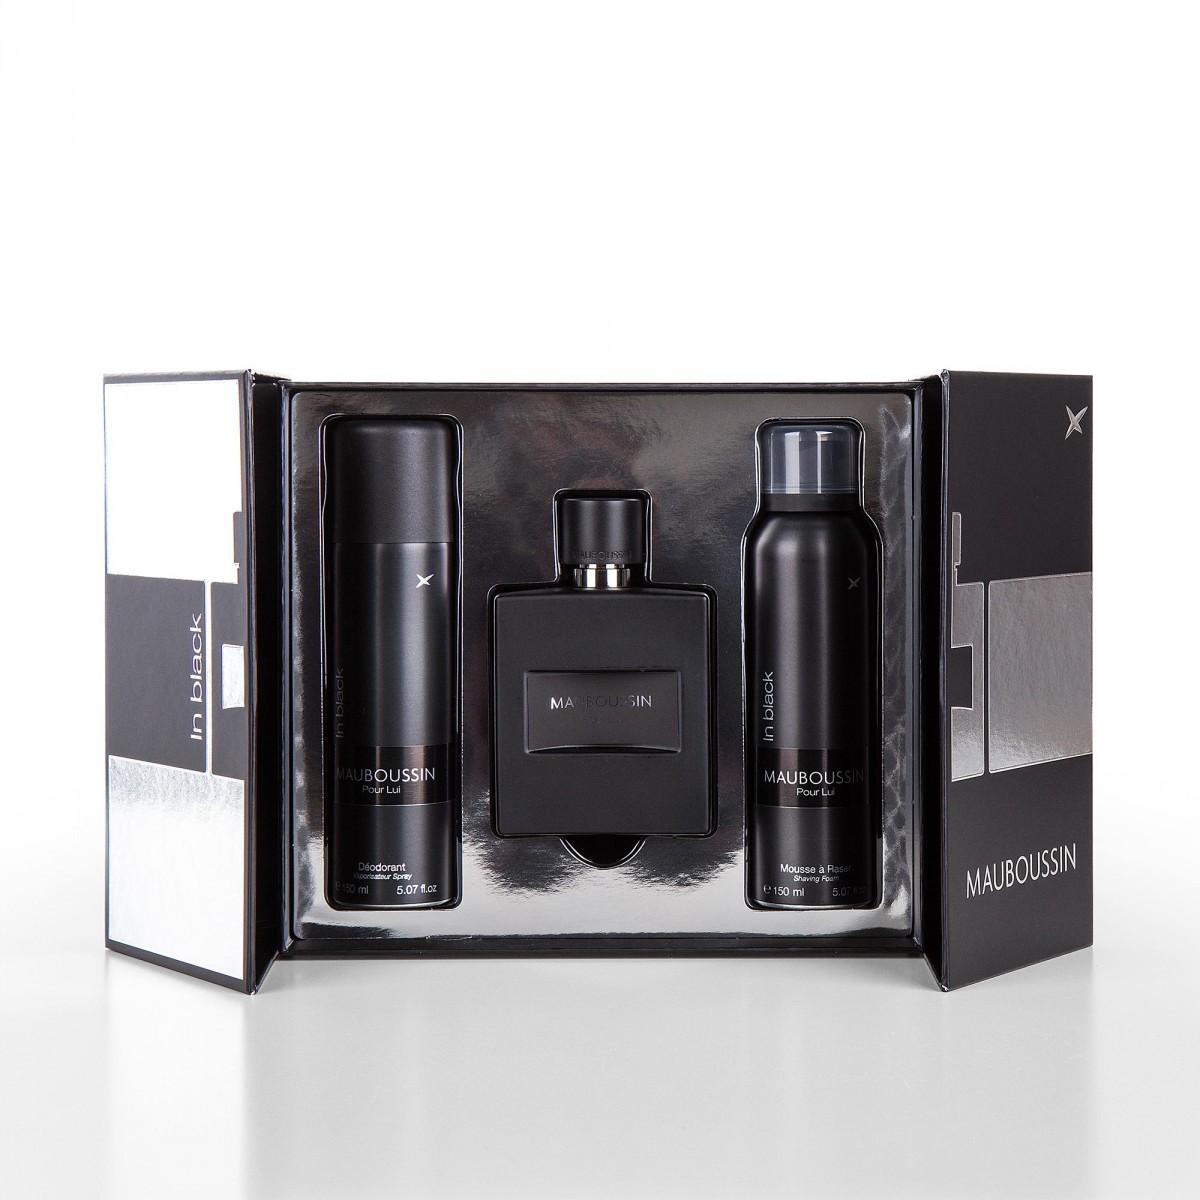 Coffret de ml parfum ml MAUBOUSSIN raser Mousse à 150 parfum 150 100 Déodorant eau rZqrTWR